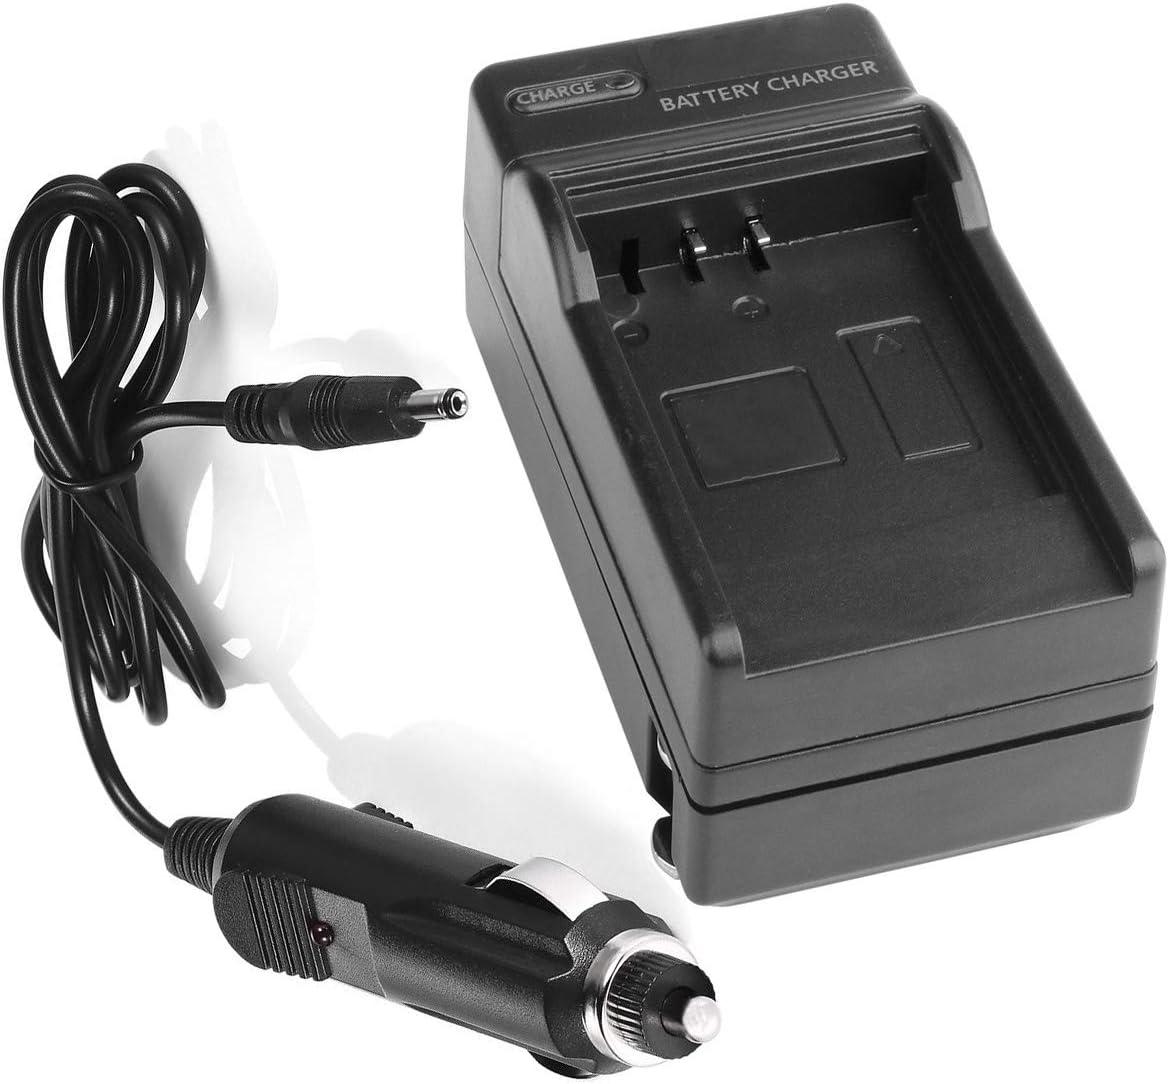 Battery Charger For Panasonic Lumix DMC-TZ85 DMC-TZ100 DMC-TZ101 DMC-TZ110